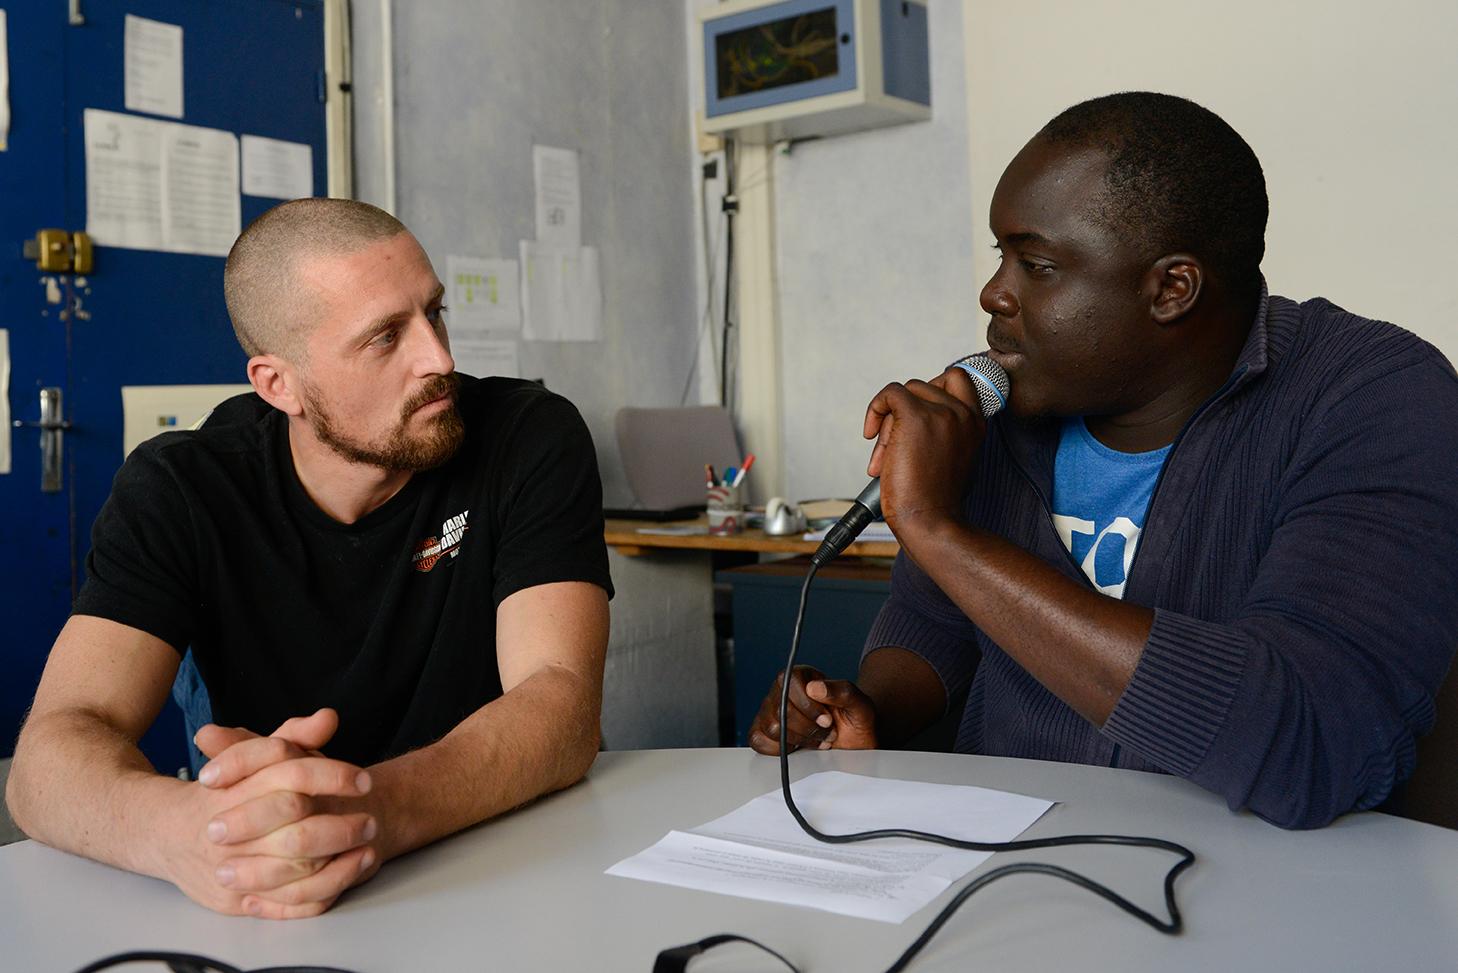 Mohamed et Mickaël